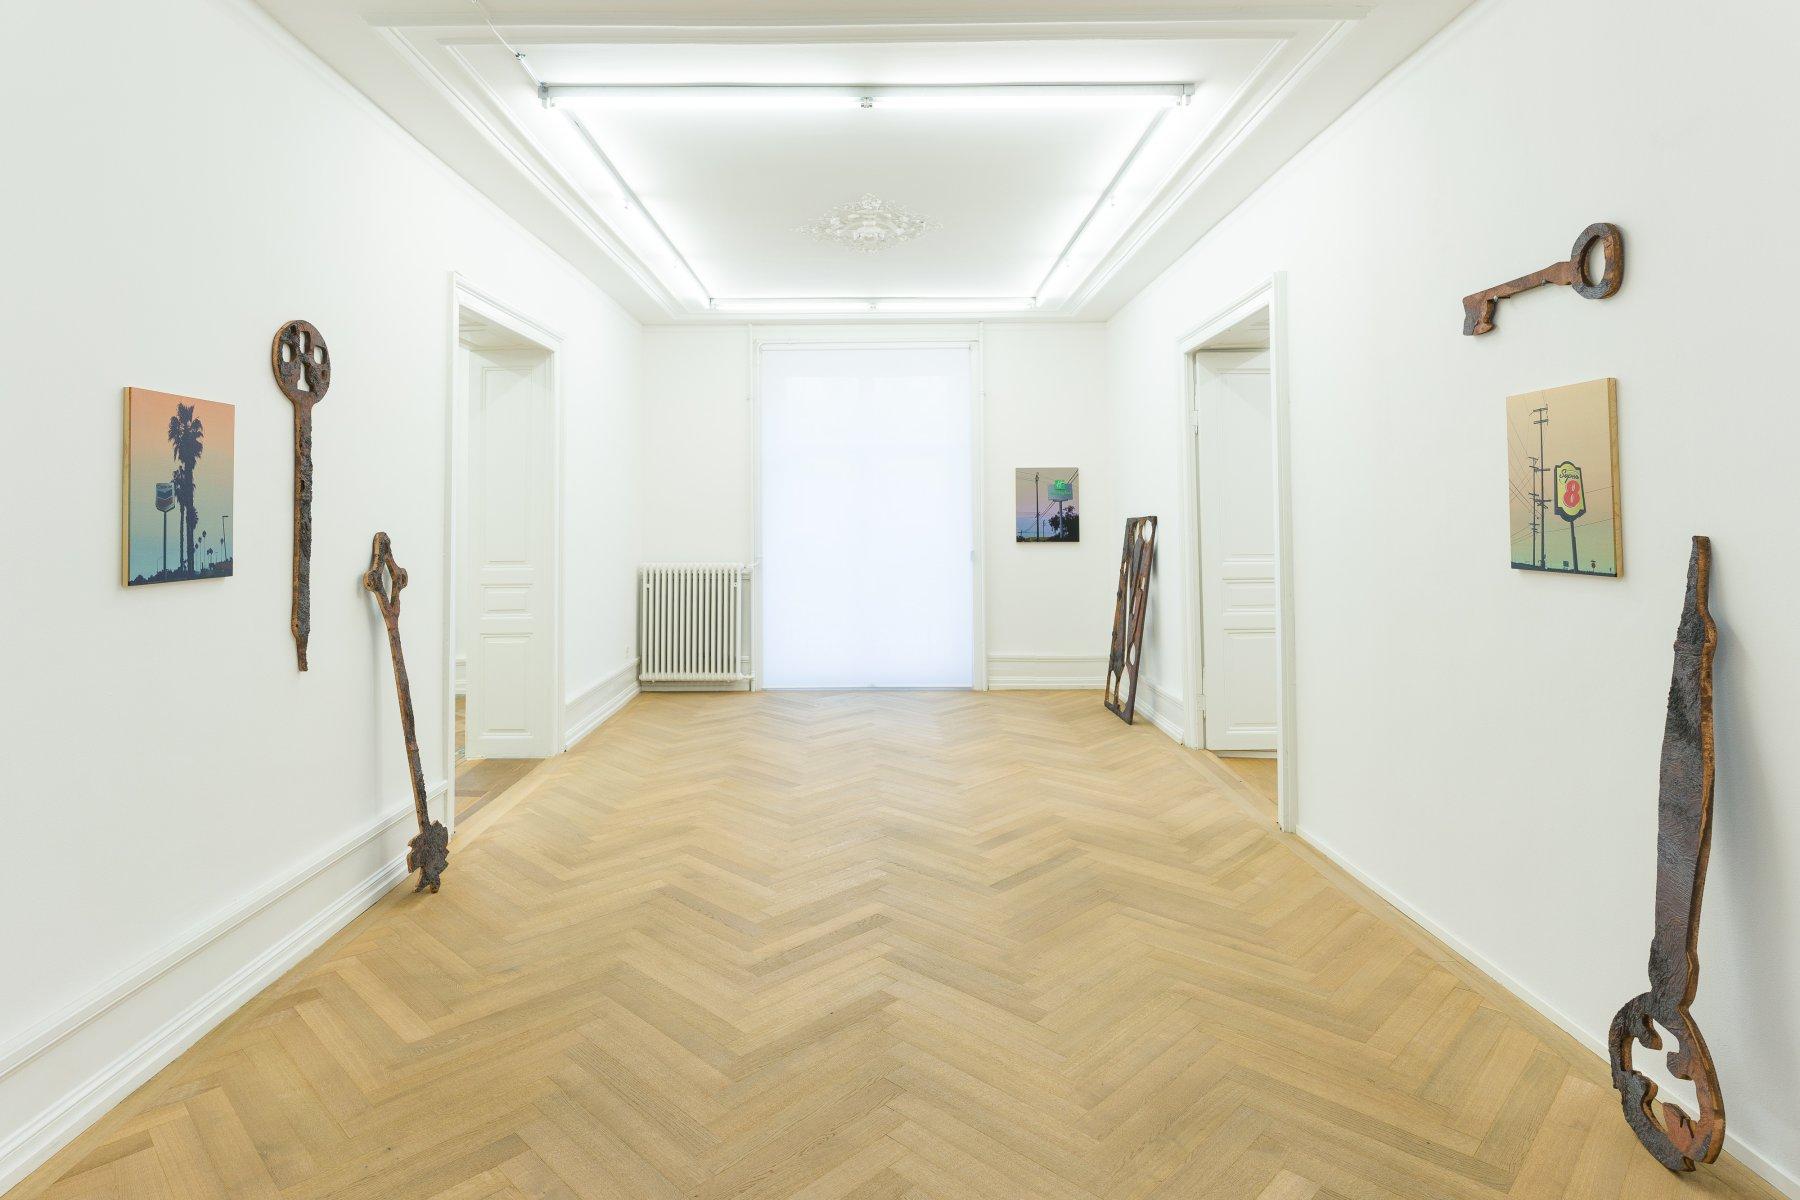 Mai 36 Galerie Rita McBride Glen Rubsamen 1